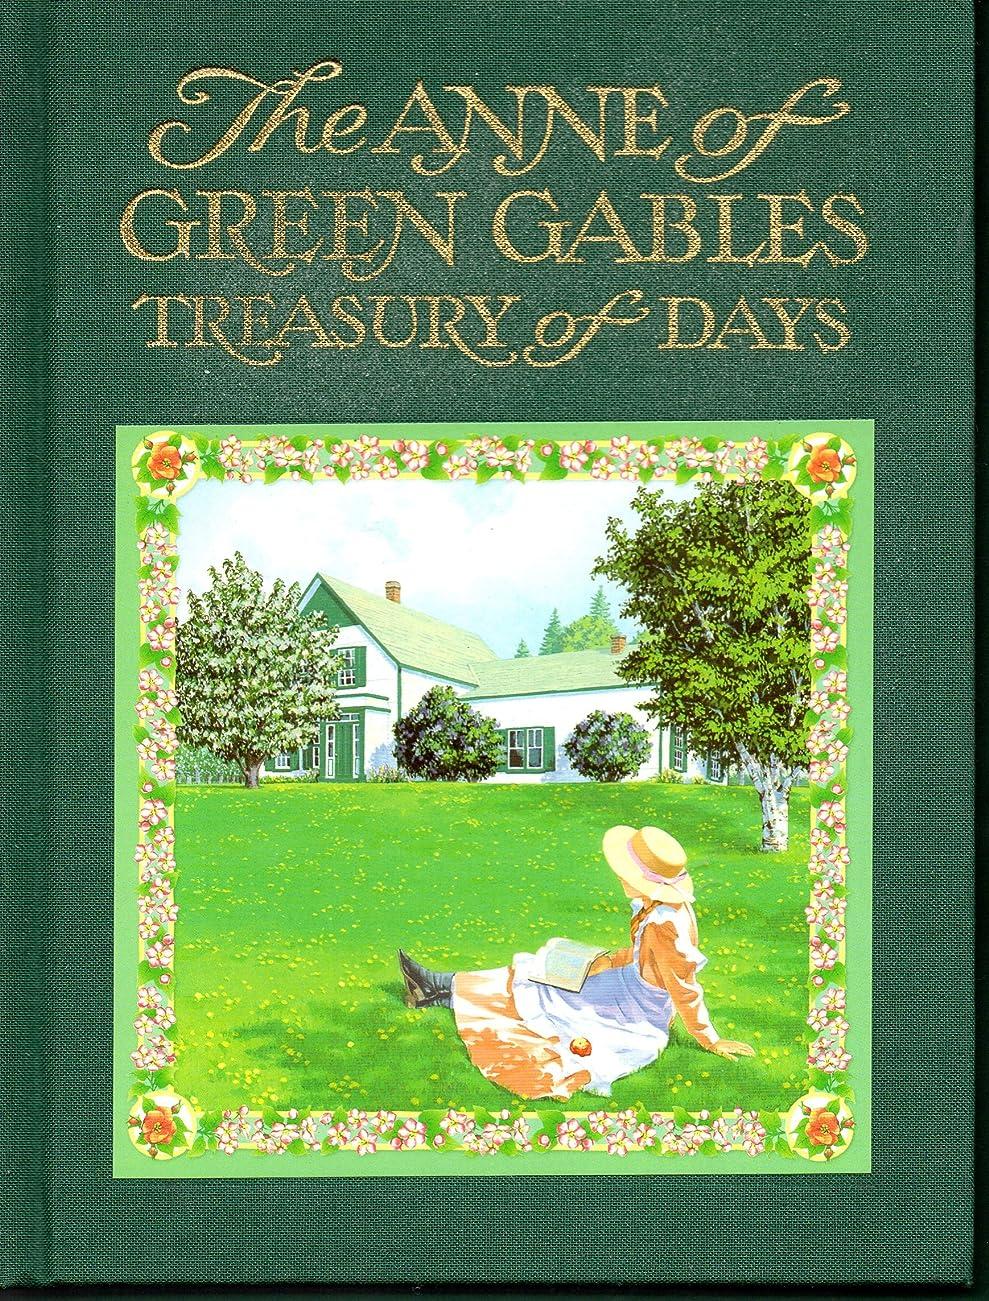 からに変化する城食事Anne of Green Gables Treasury of Days